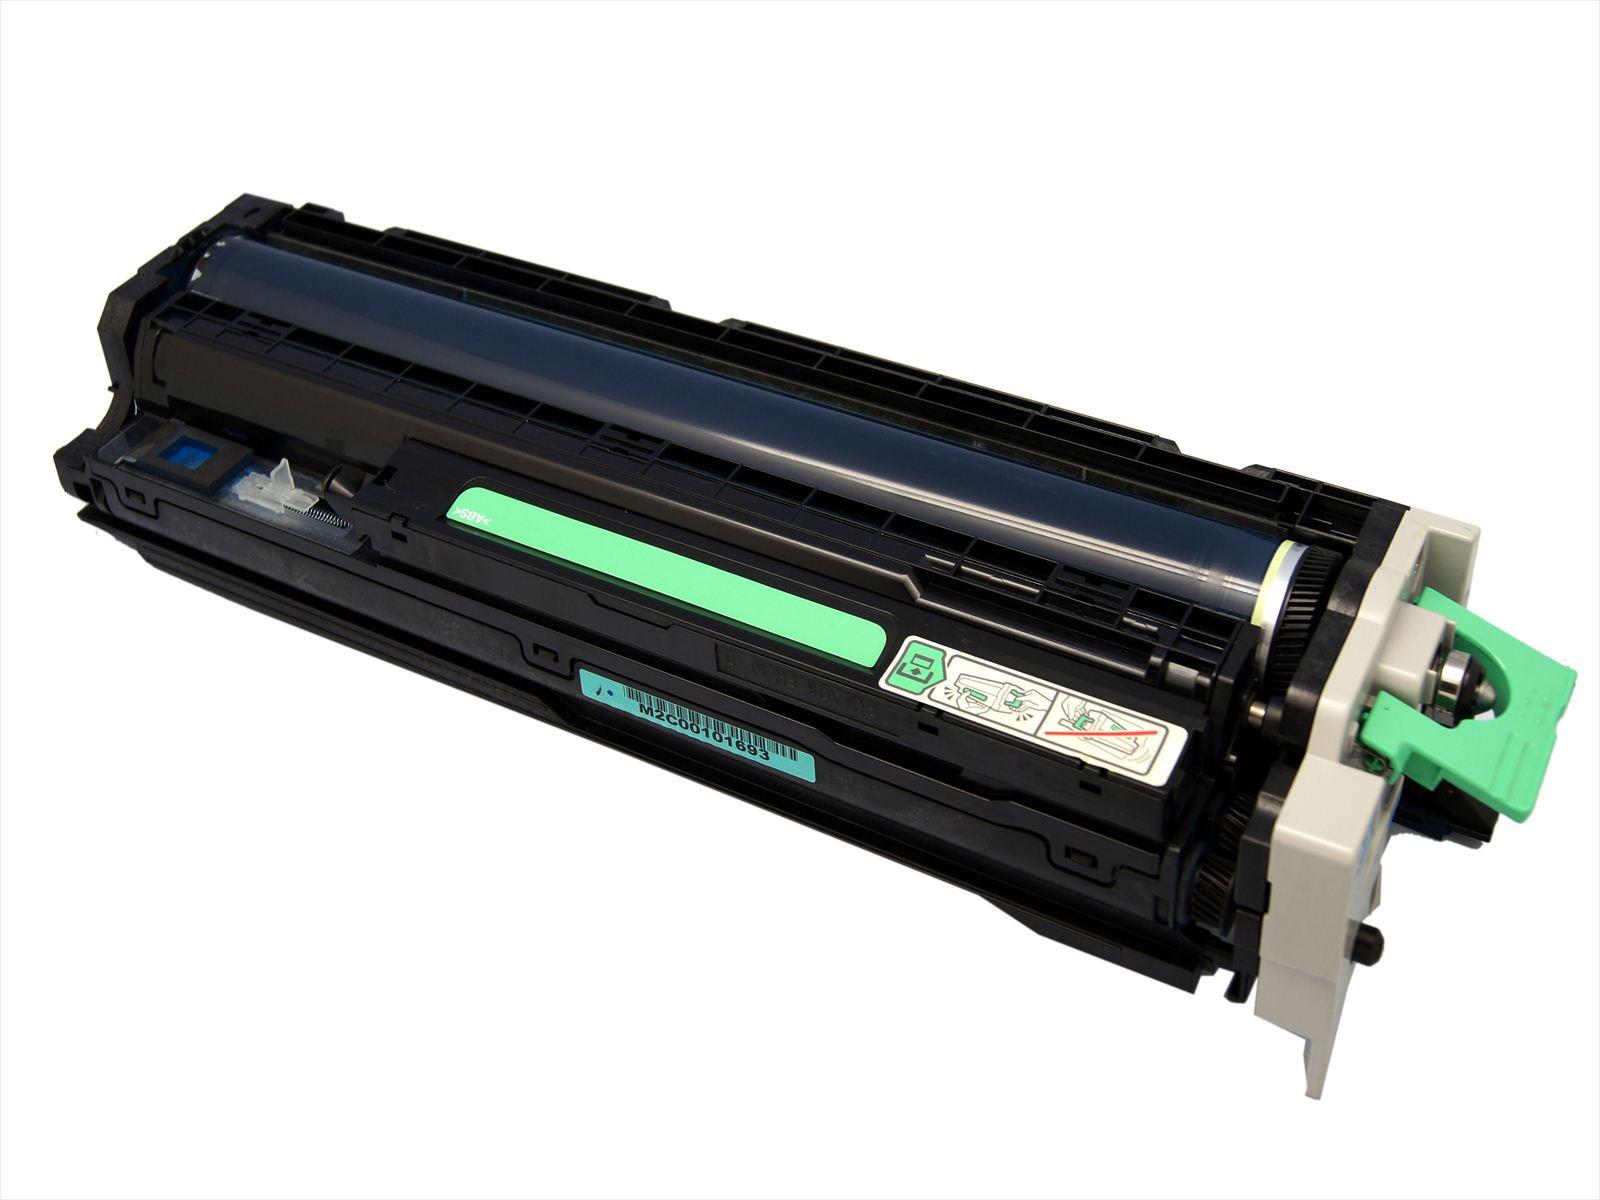 エネックス【Exusiaリサイクル・トナーカートリッジ】Ricoh(リコー) イプシオSPドラムC810 カラー対応 ERIO-810YMC